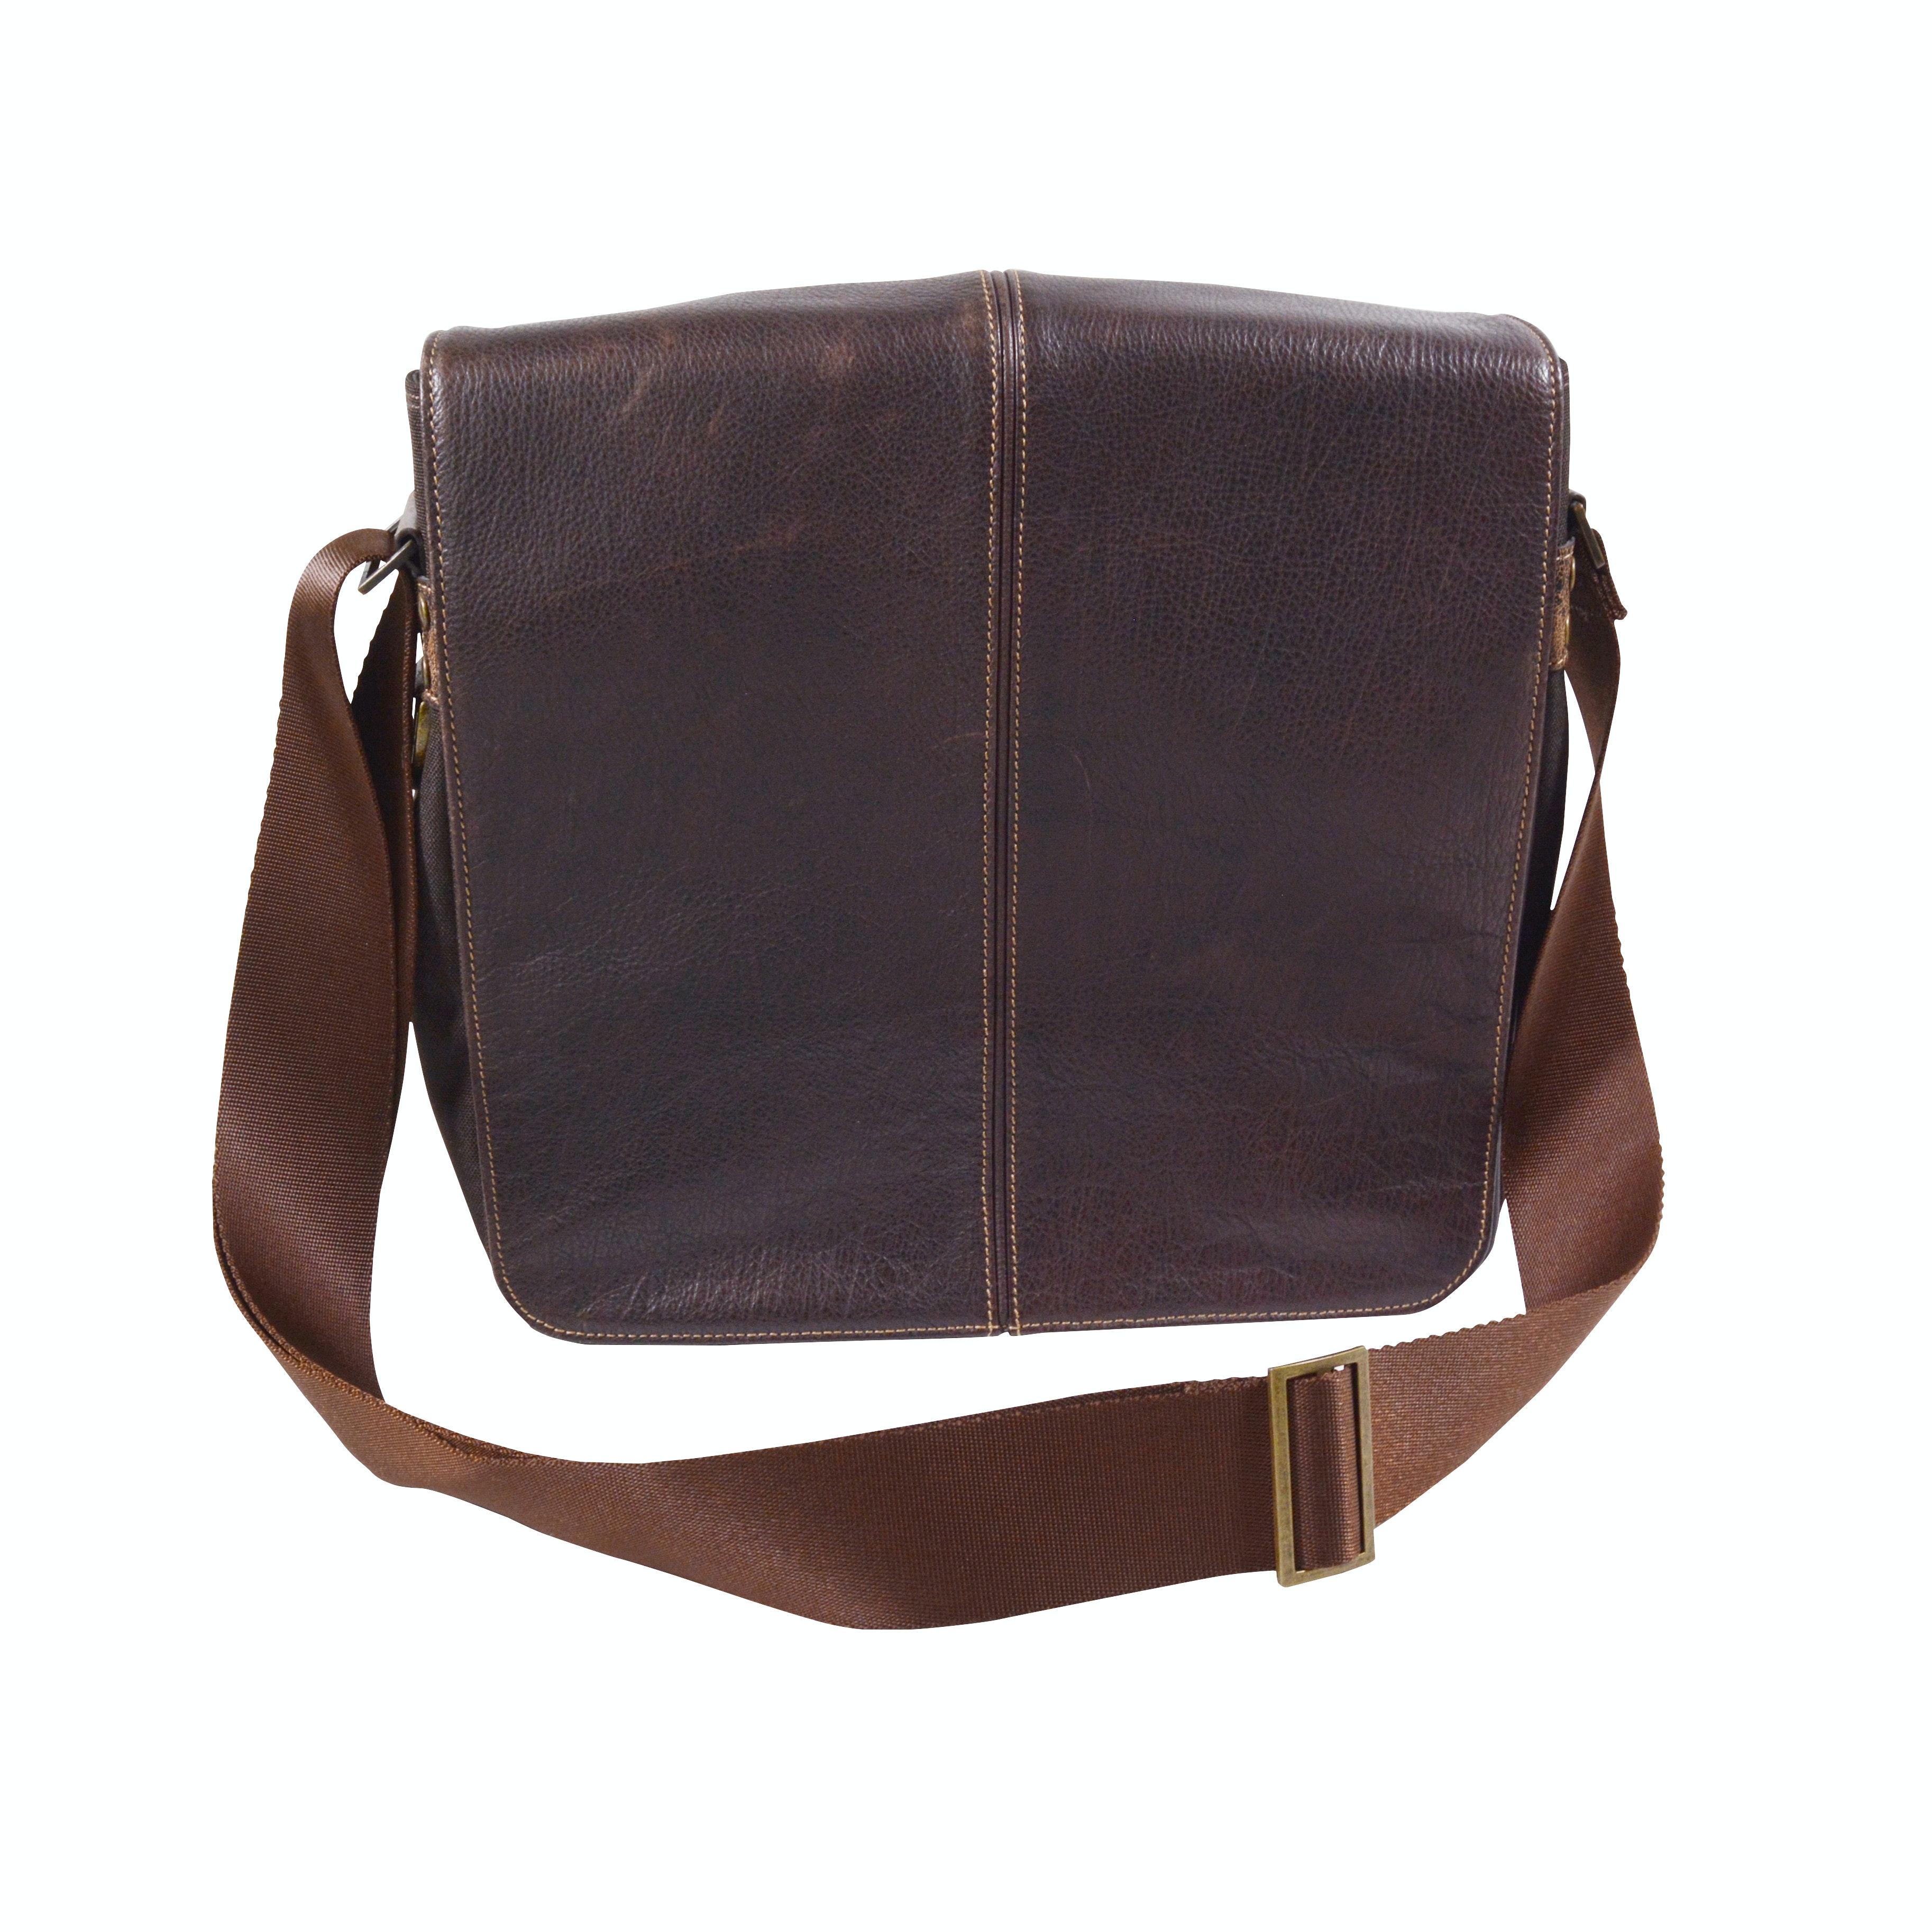 Boconi Brown Small Leather and Nylon Messenger Bag